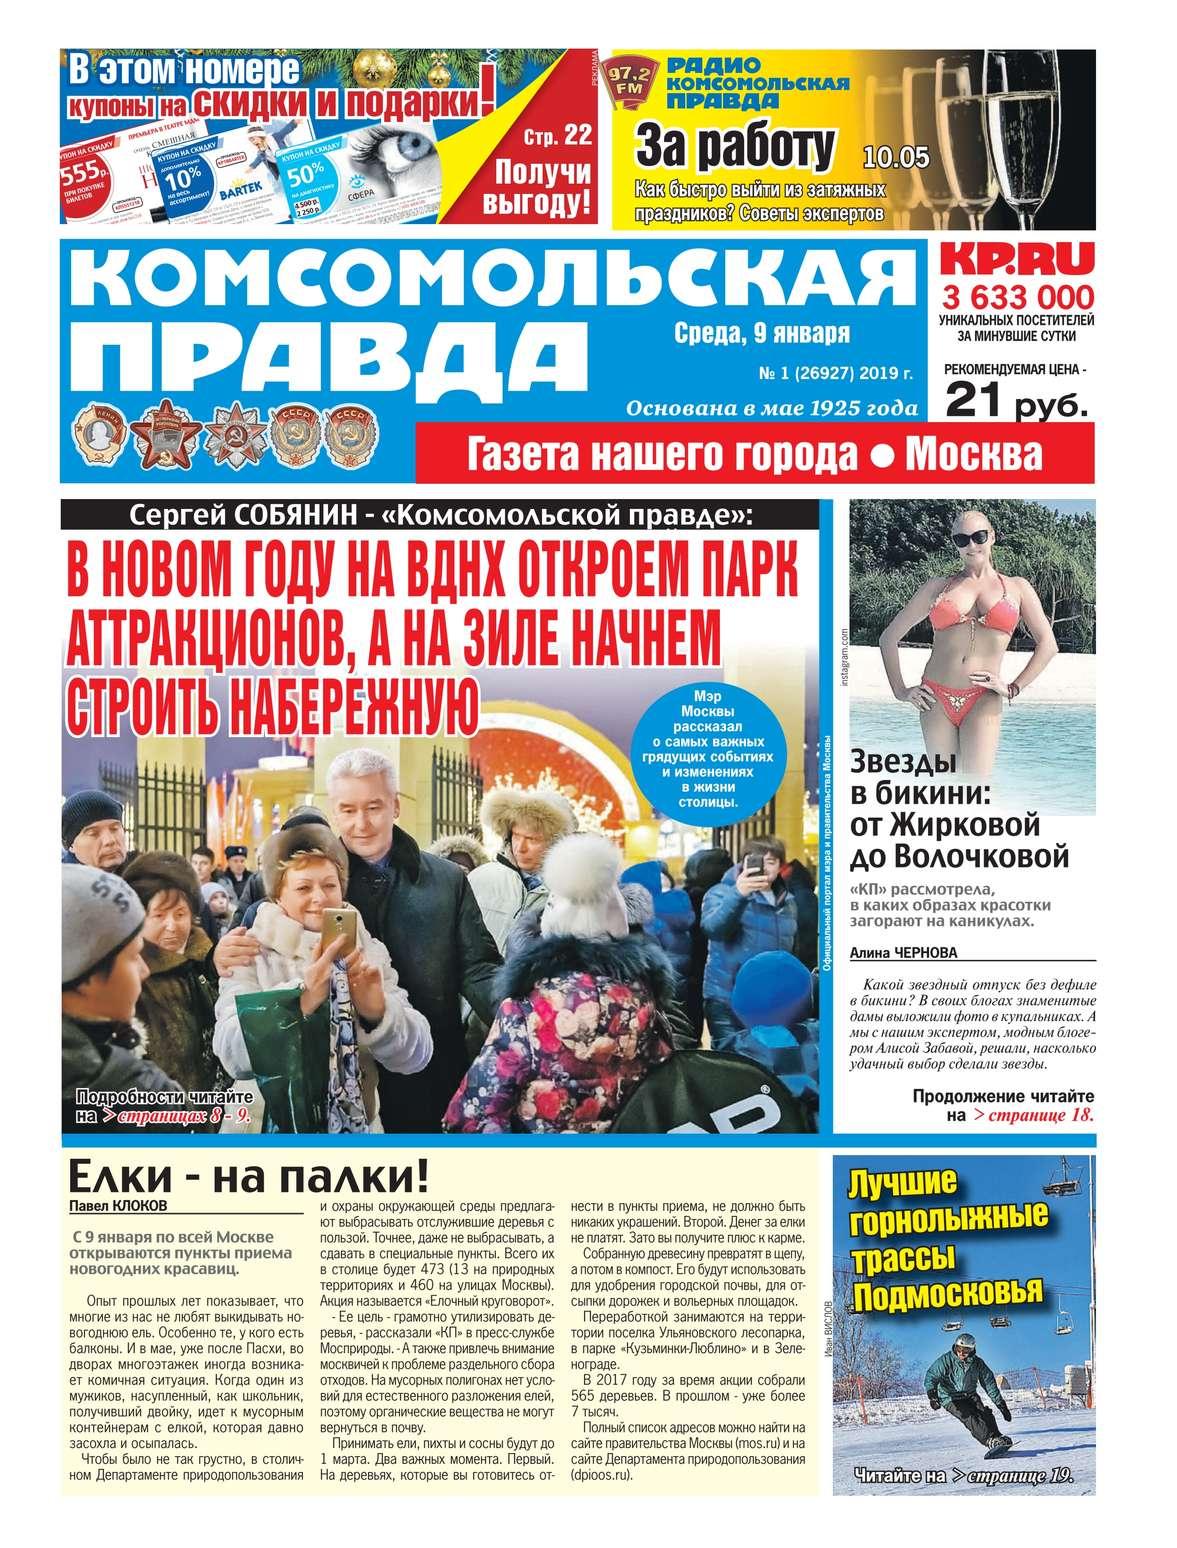 Комсомольская Правда. Москва 01-2019